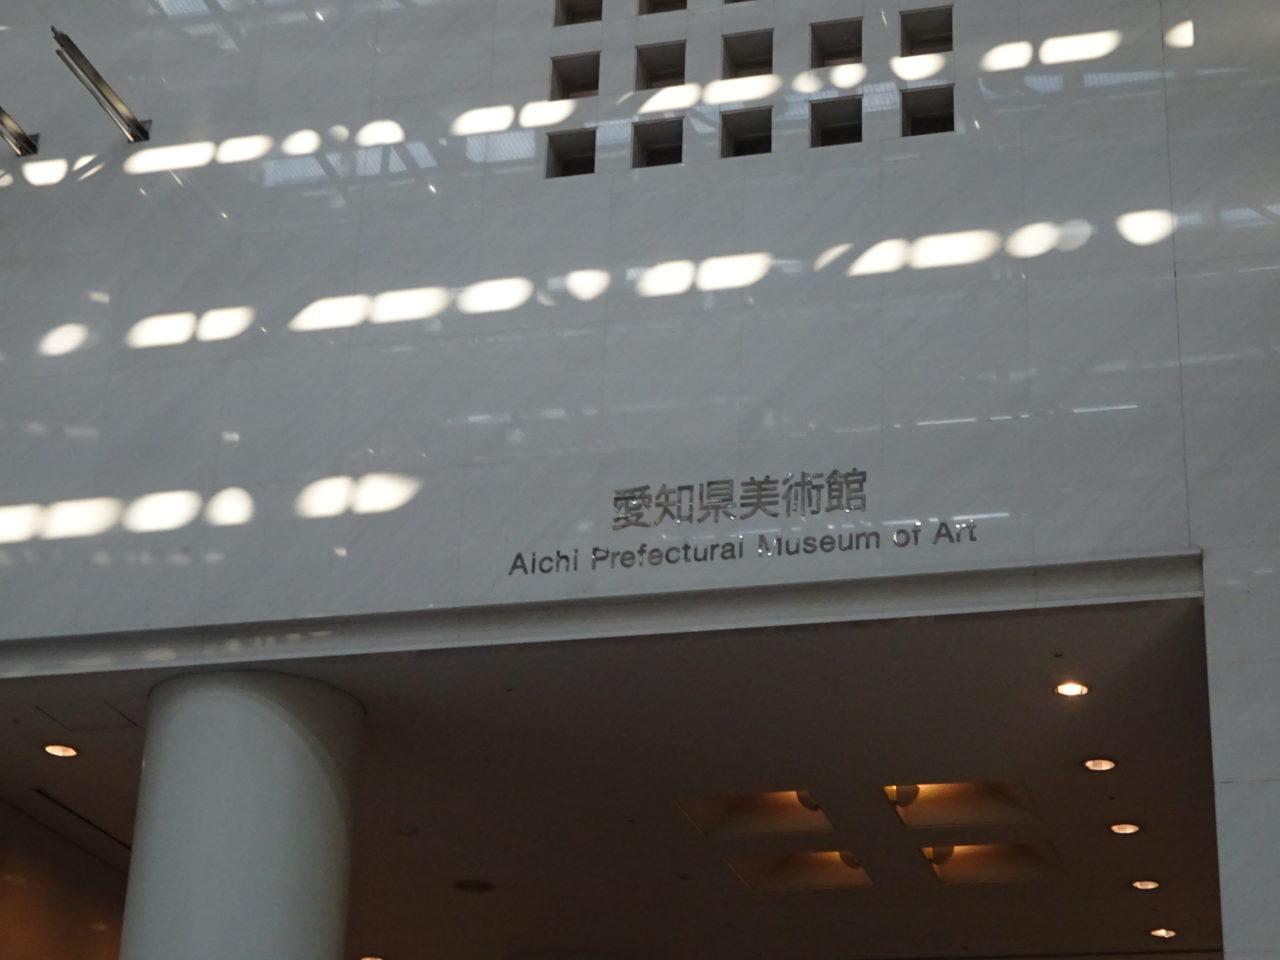 愛知県美術館の入口